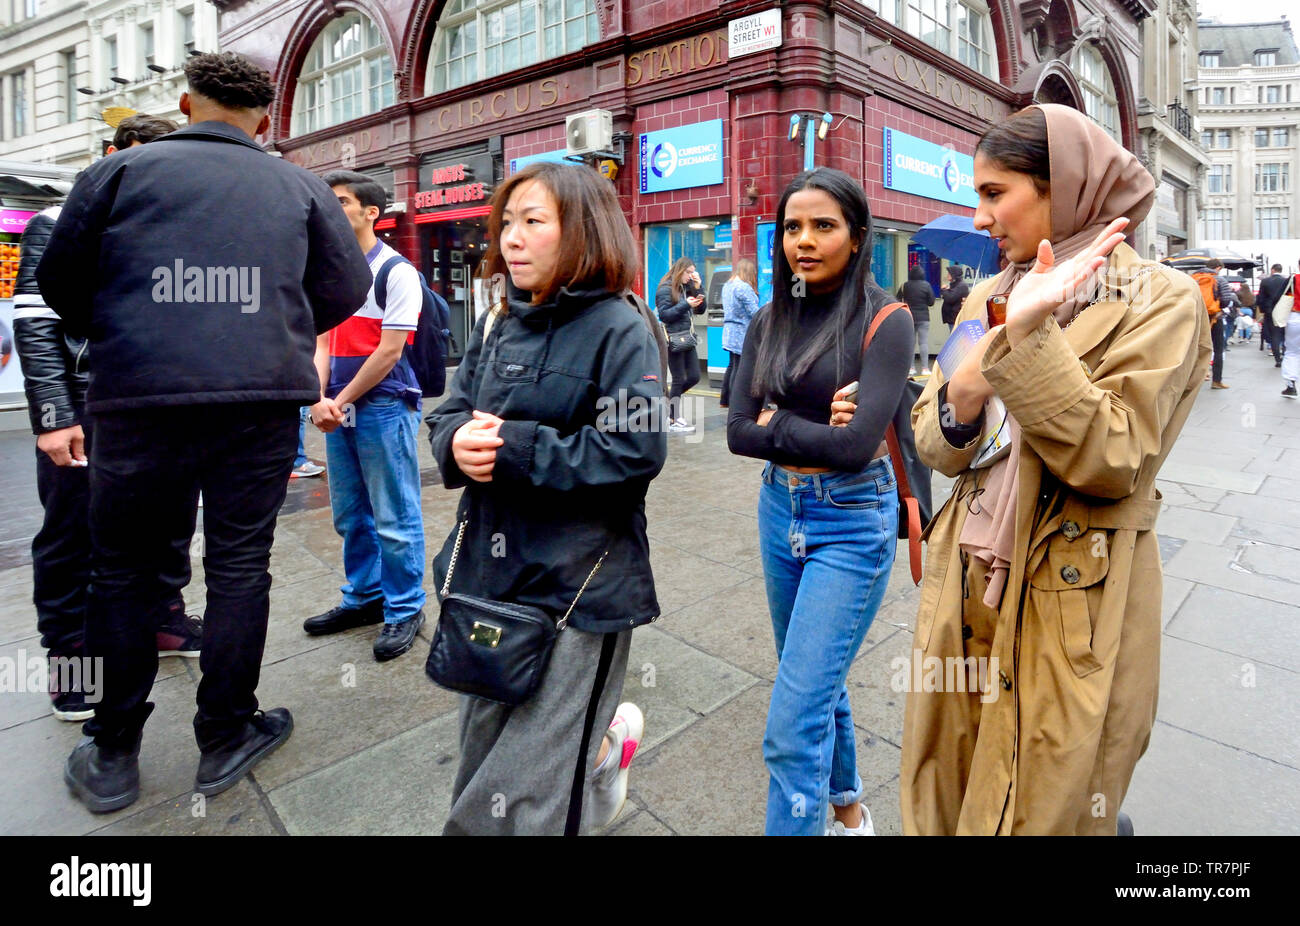 London, England, UK. Menschen verschiedener ethnischer Minderheiten Shopping in der Oxford Street an einem regnerischen Tag Stockbild